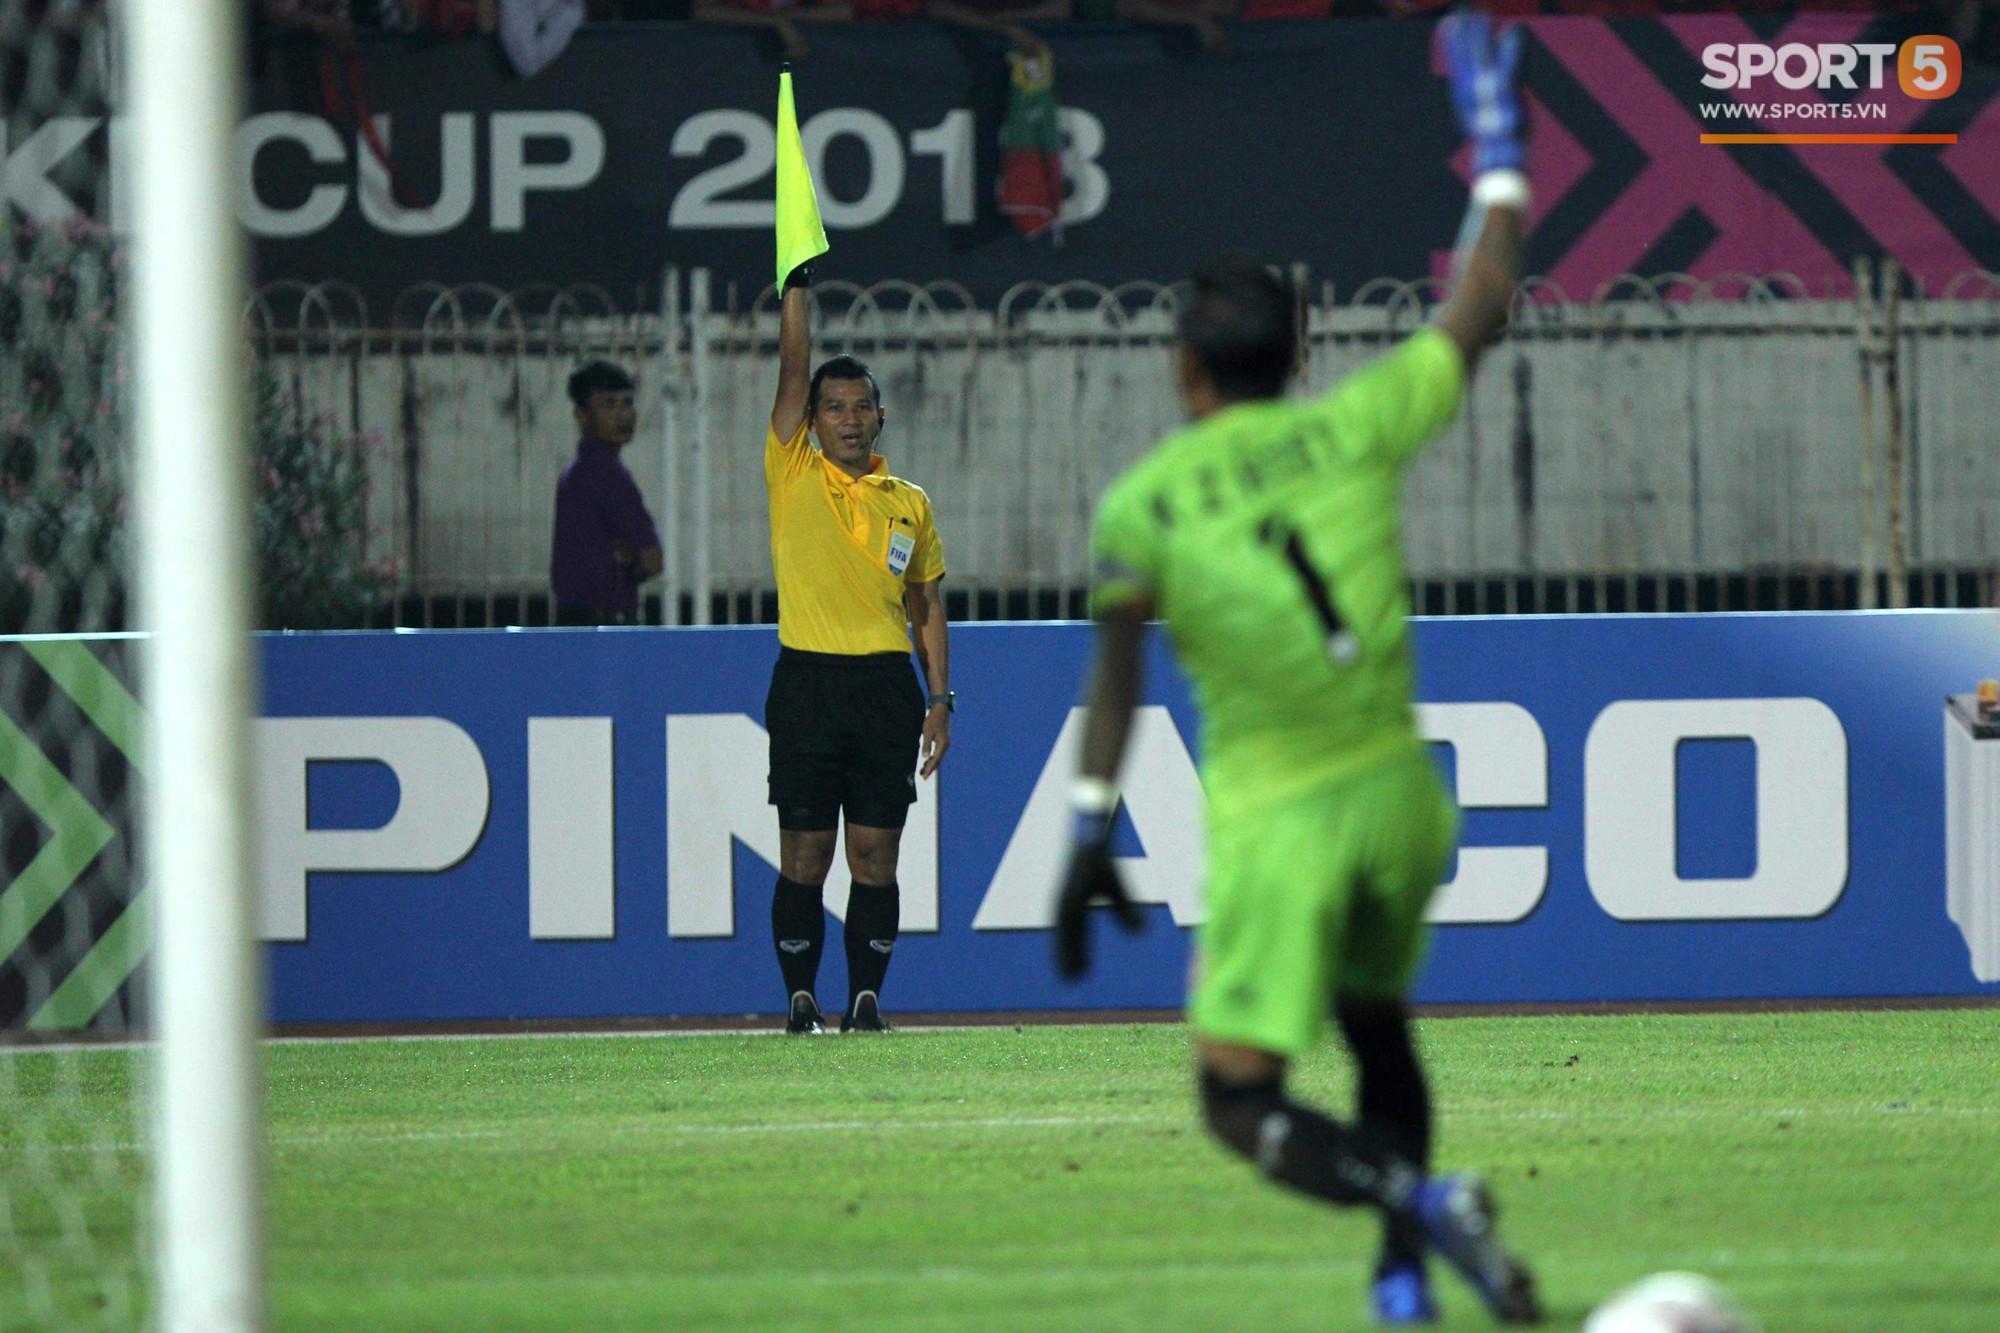 Trọng tài Thái Lan cướp bàn thắng của Việt Nam trước Myanmar - Ảnh 3.